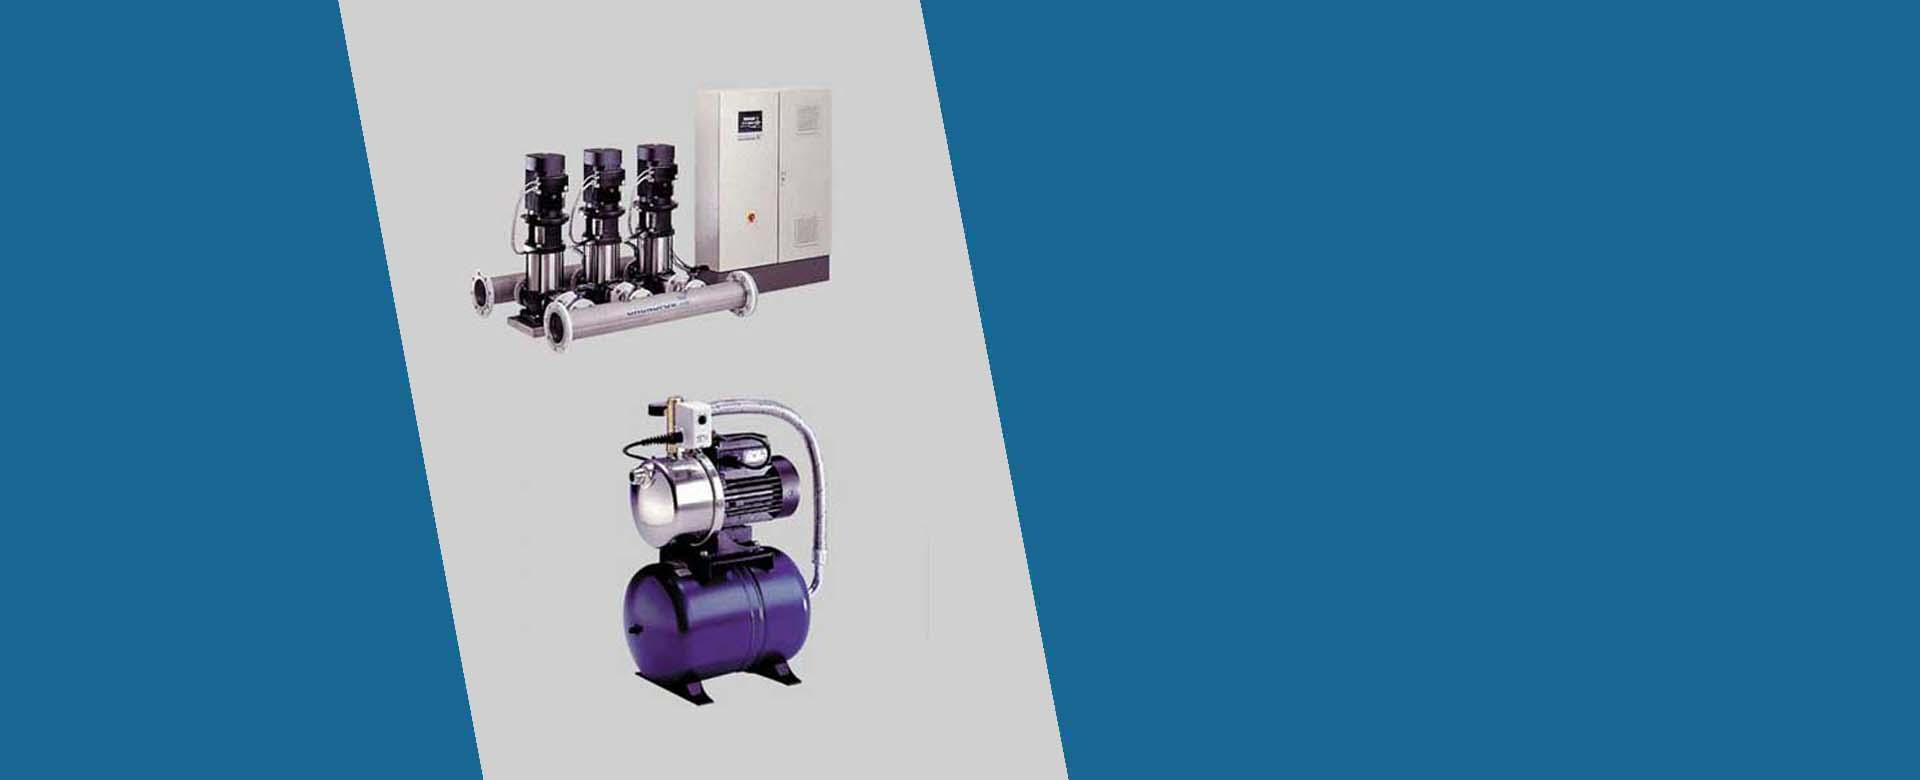 מערכות וויסות לחץ מים